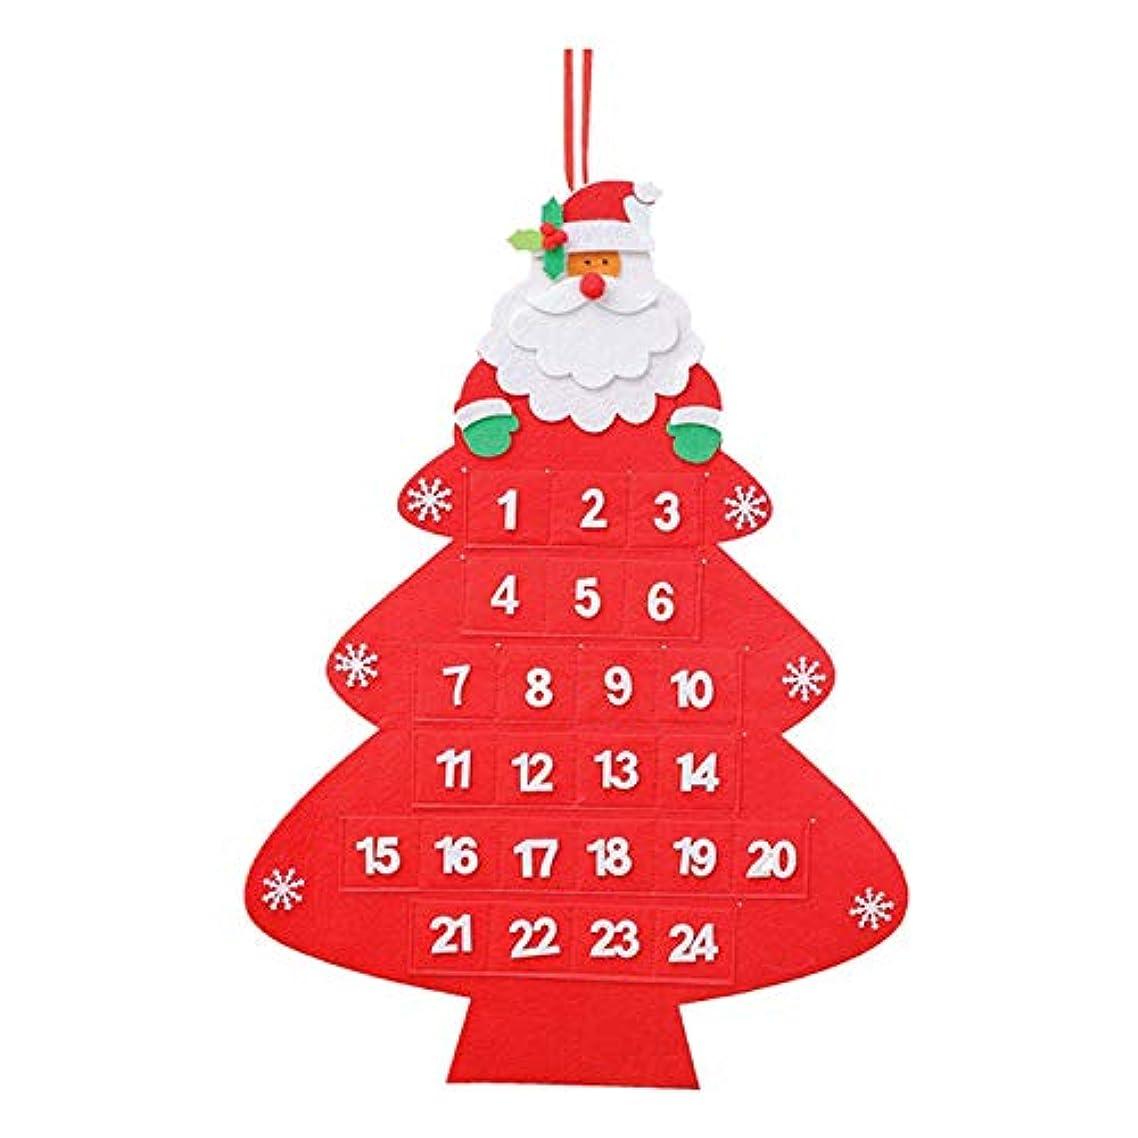 関係委任する人質Profeel フェルトアドベントカレンダーポケット付きクリスマスツリー飾り壁掛けDIY装飾ホームオフィス